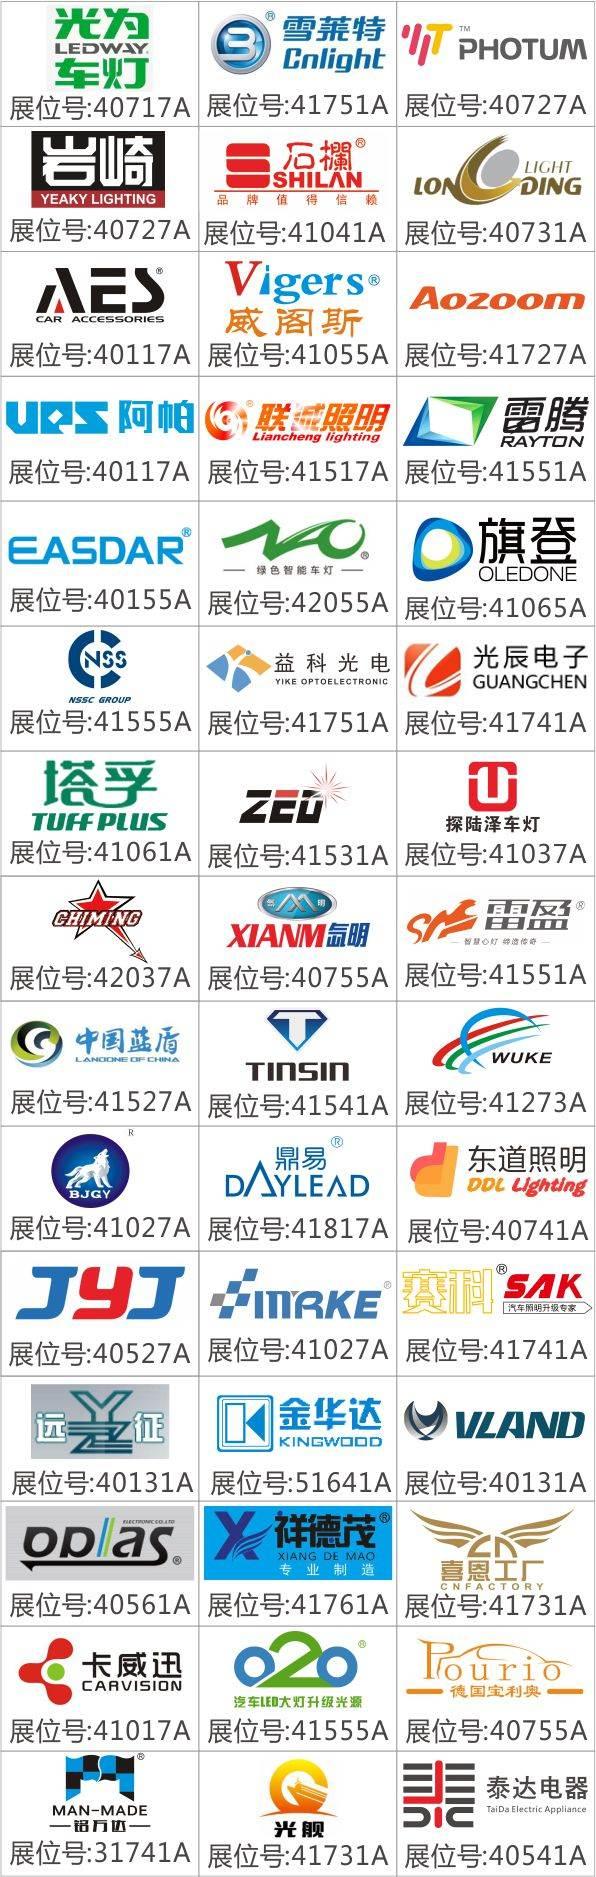 2017年元宵节过后,汽车照明行业聚焦深圳,您约吗?